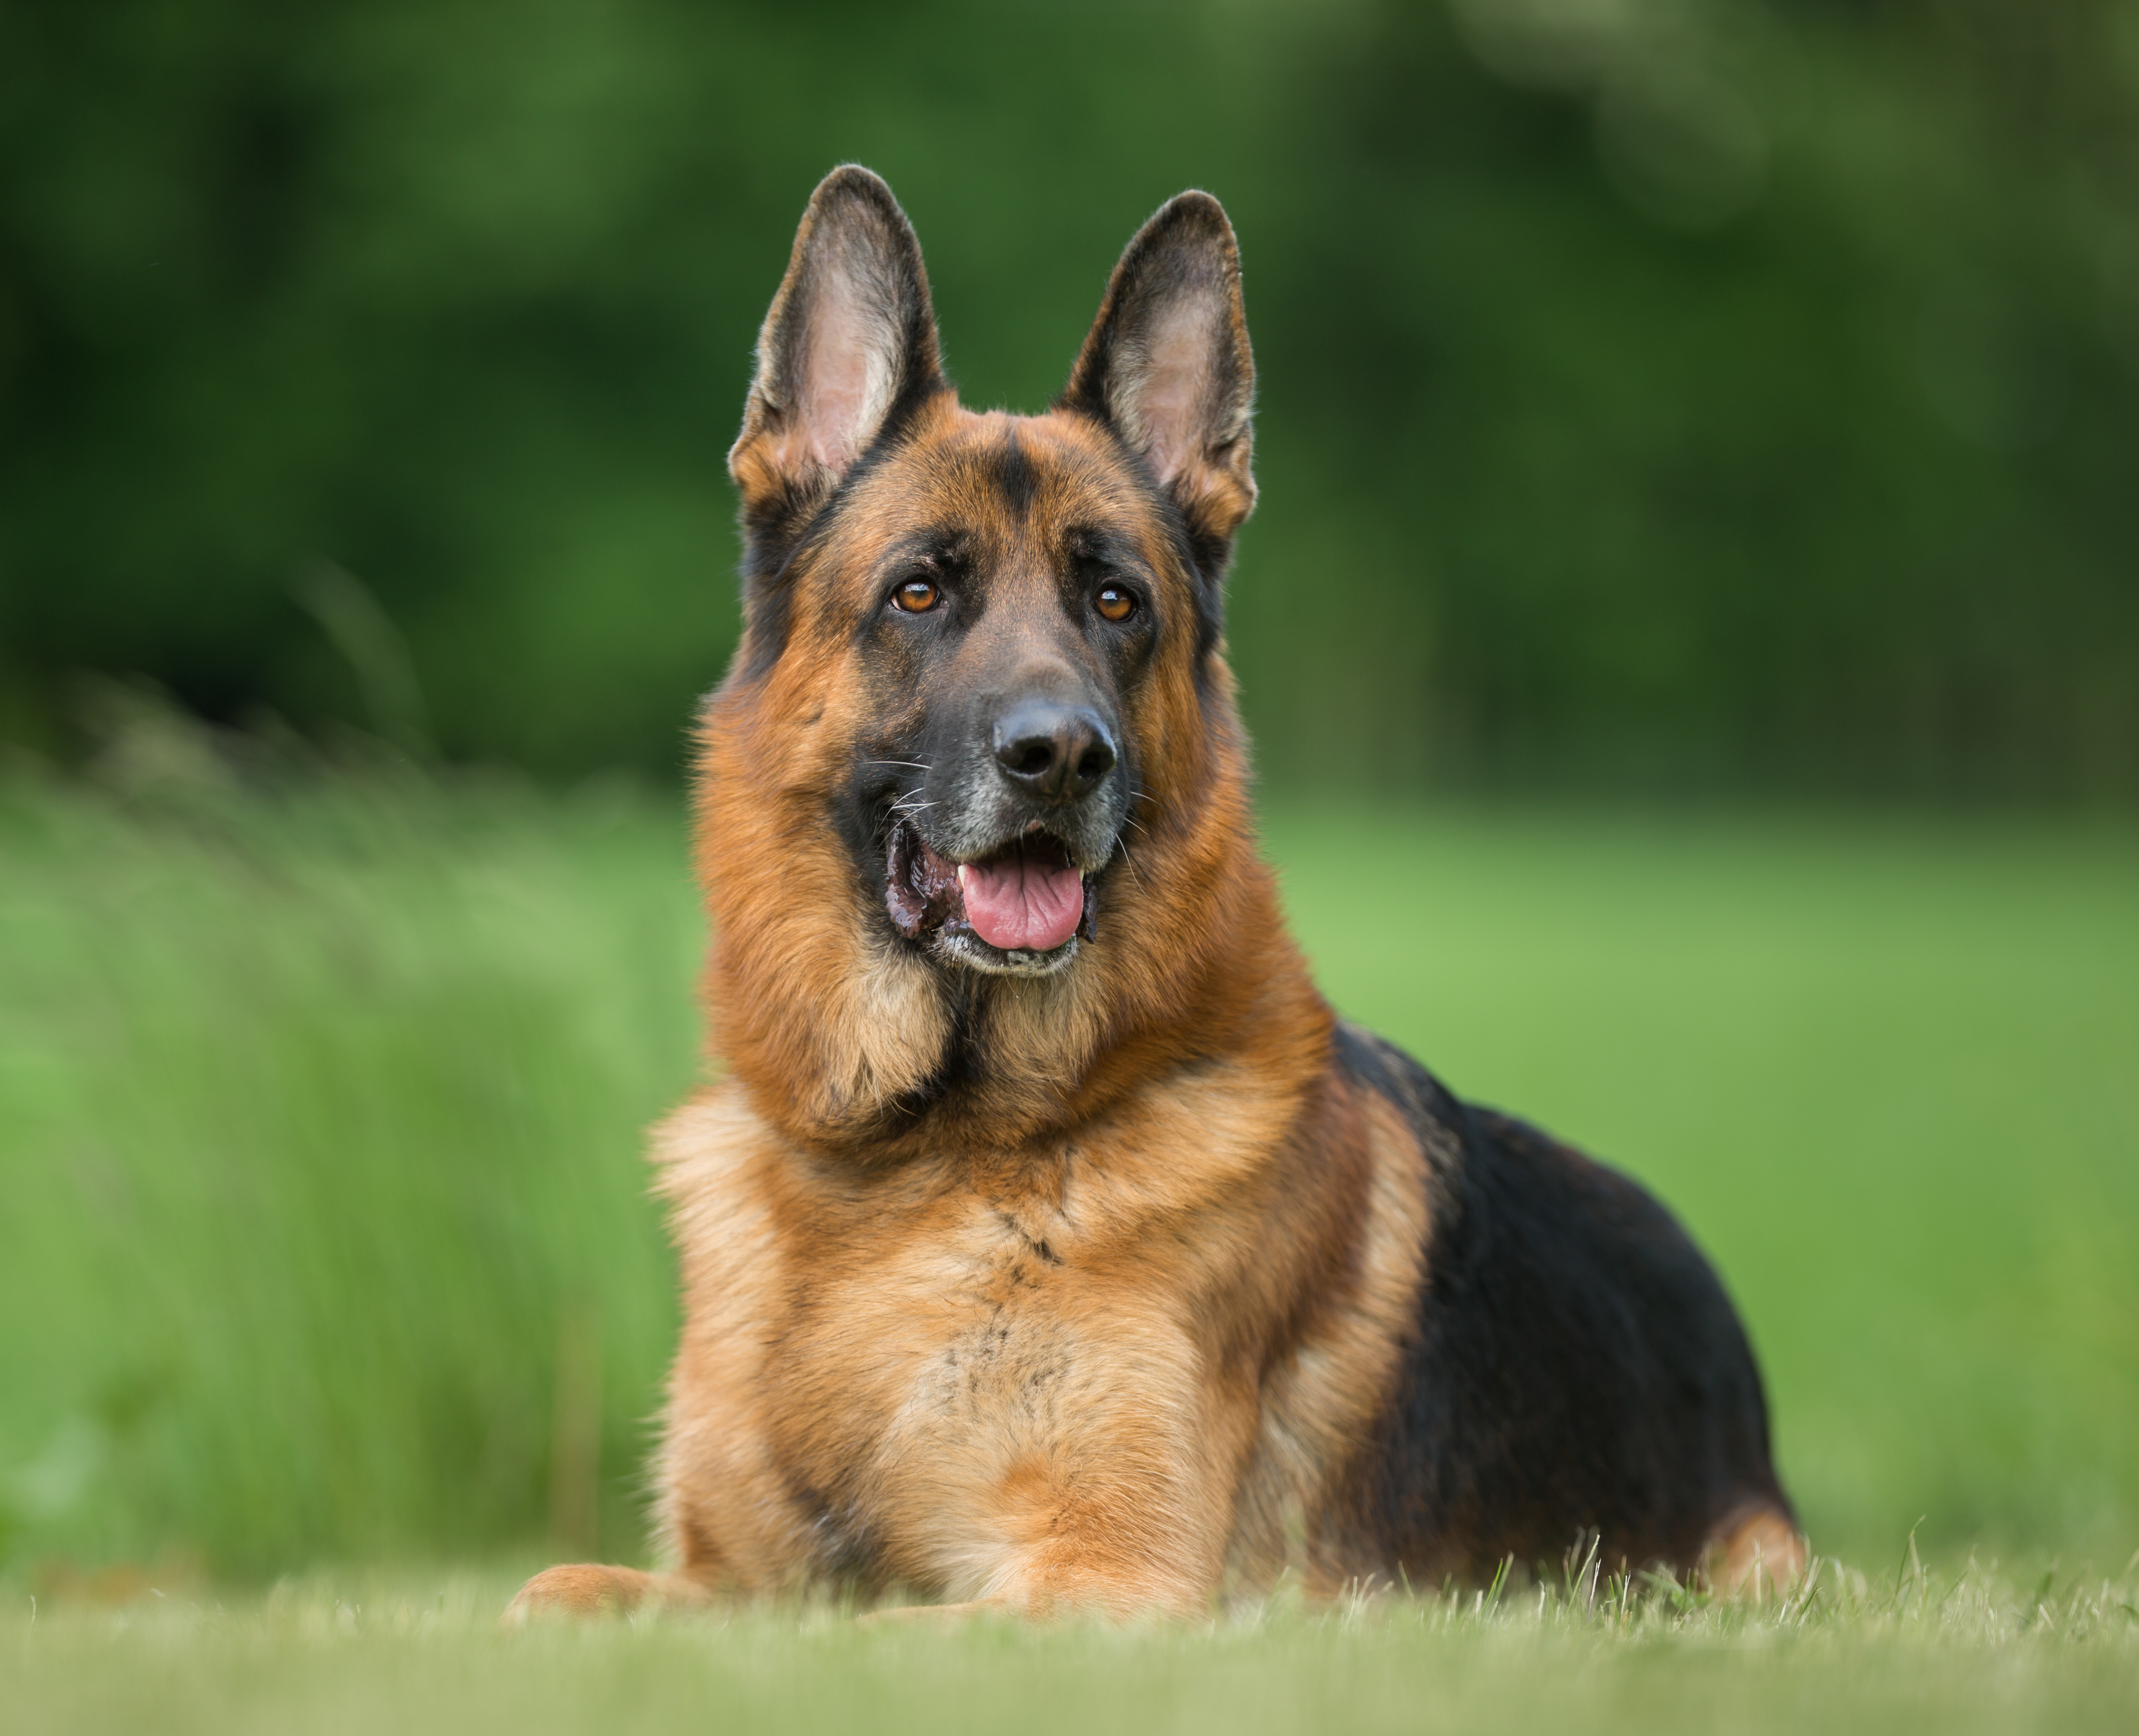 <p><strong>Немска овчарка</strong></p>  <p>Както подсказва името, тази порода кучета произлиза от Германия. Известни са със своята интелигентност, увереност, бдителност и безстрашие. Тези им качества ги правят предпочитаната порода кучета за работа в полицията. Въпреки това трябва да се внимава с немските овчарки. Те могат да се превърнат в голяма опасност, ако чувстват заплаха за своите стопани, територия или ако не са социализирани правилно.</p>